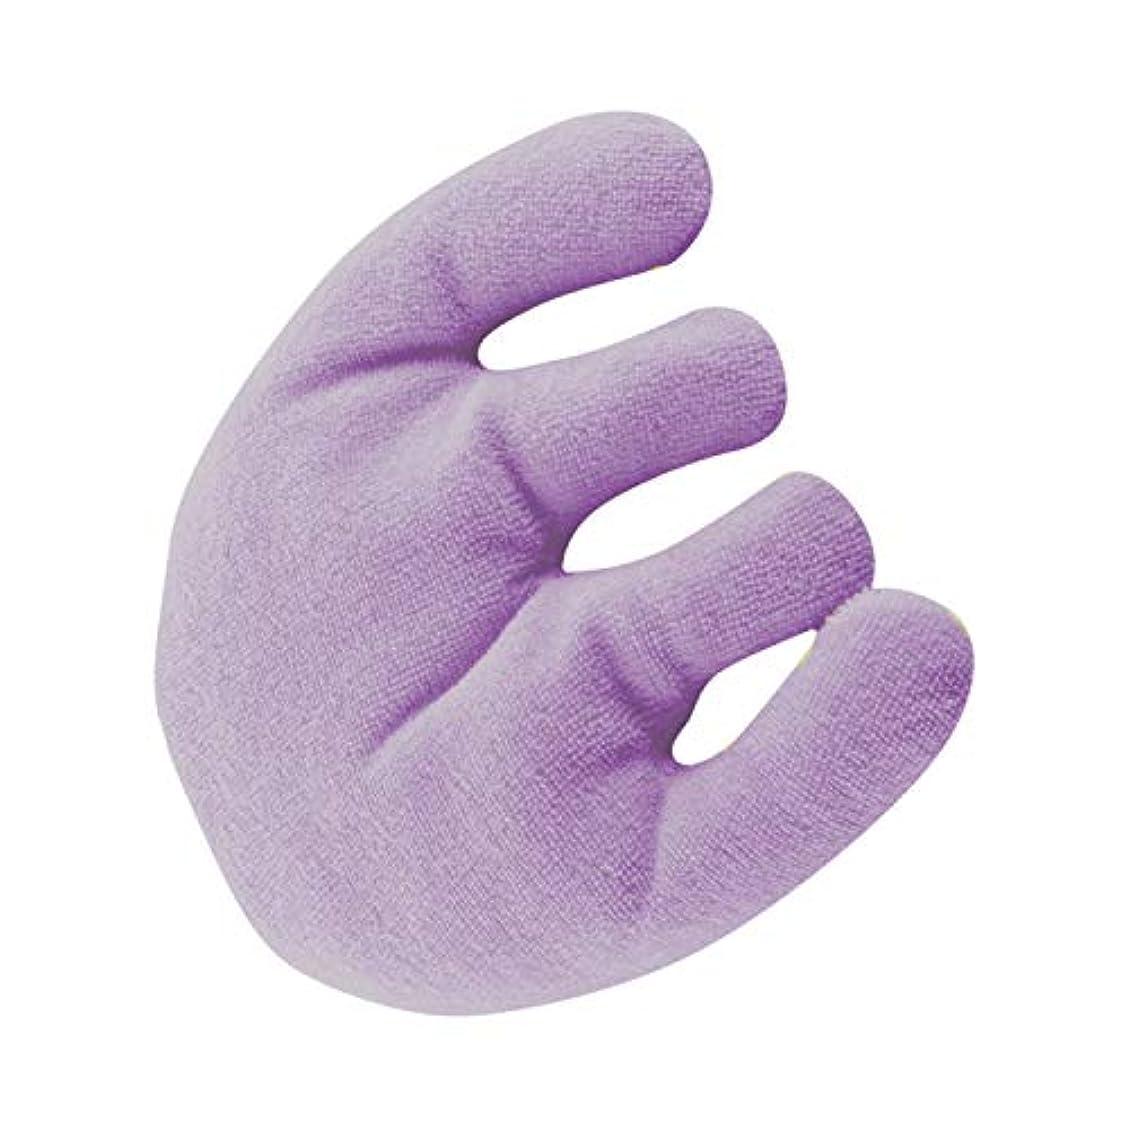 ポット払い戻しスロベニア癒し手枕 ふかふか リラックス バネ指